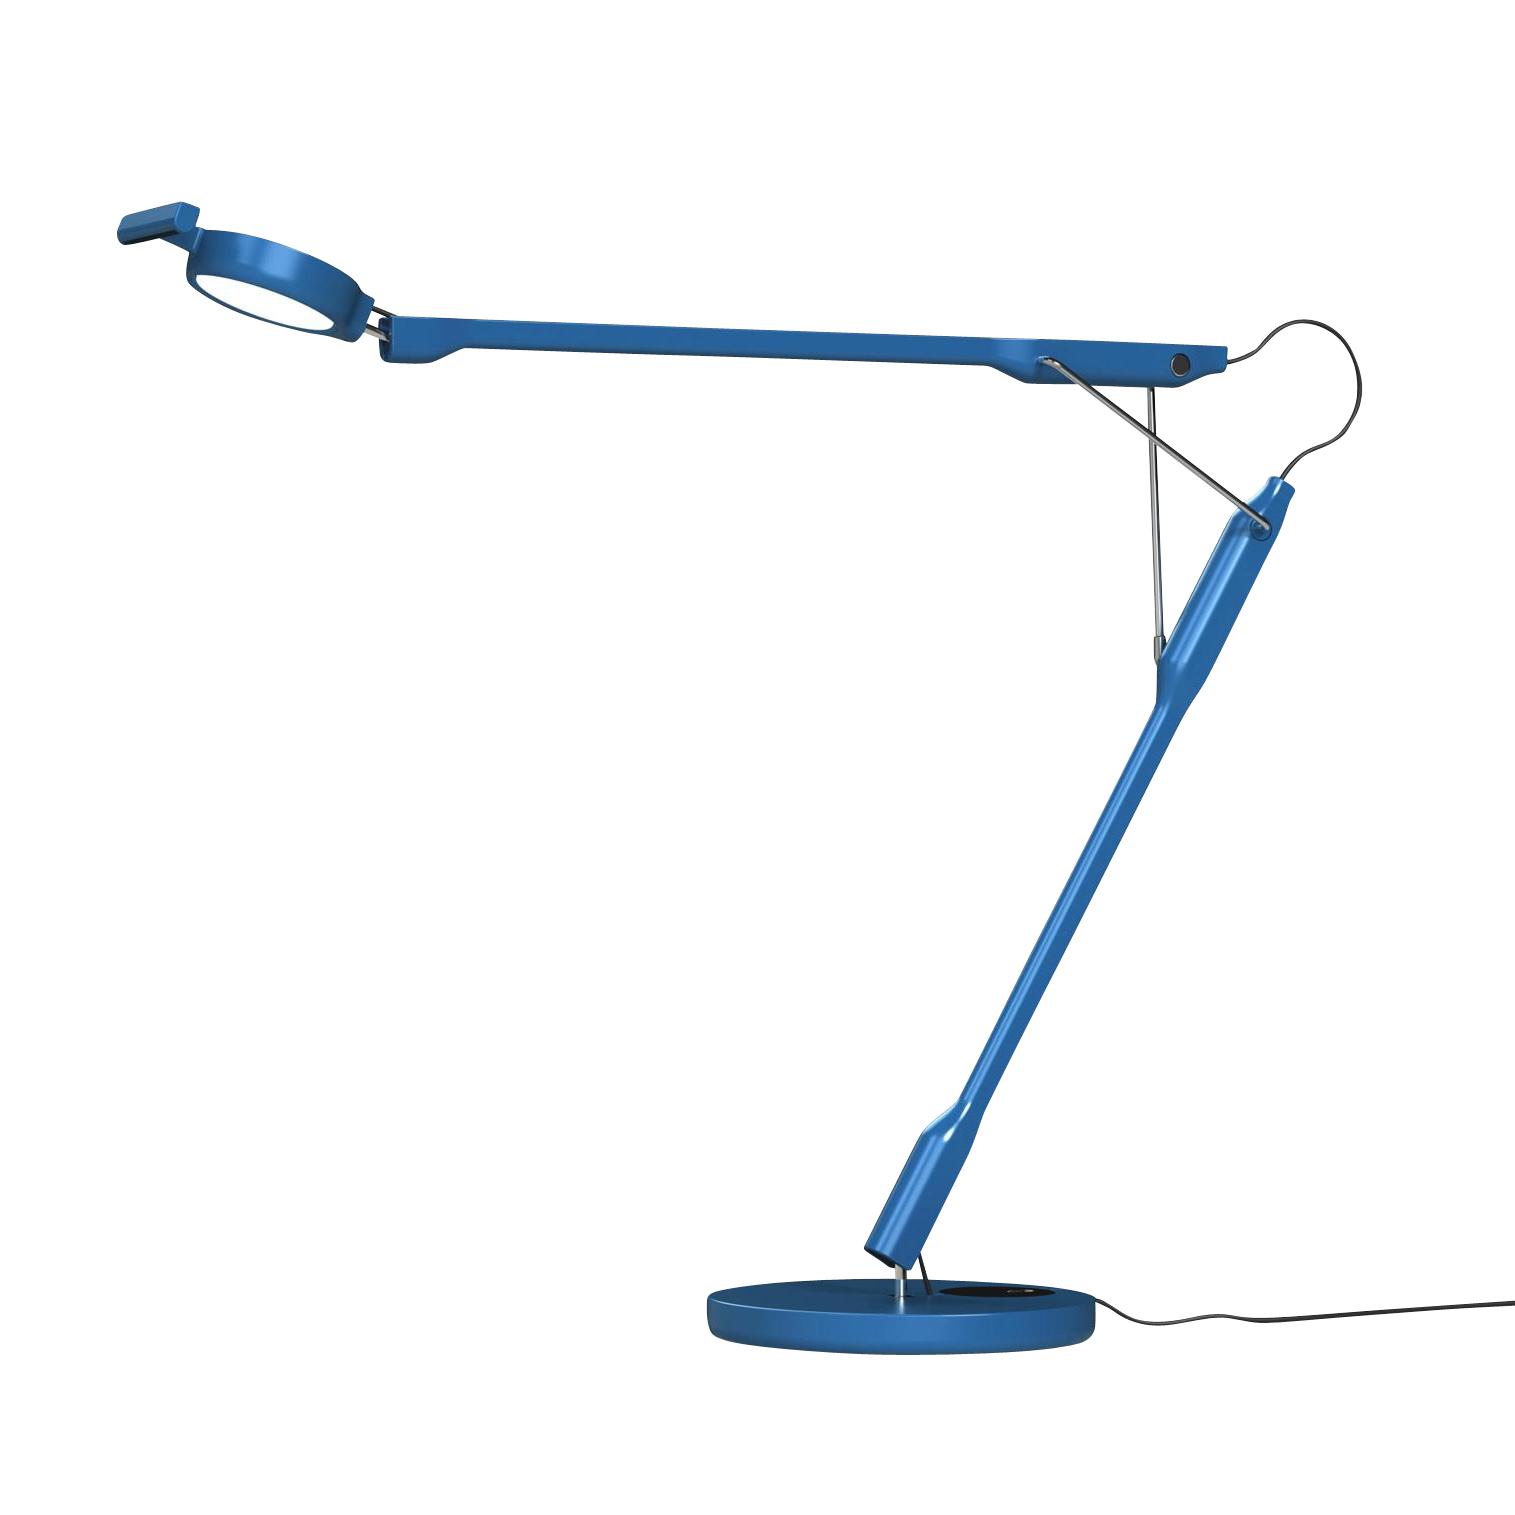 Luceplan - Tivedo D83 LED Schreibtischleuchte dimmbar - hellblau/matt/3000K/523lm/stufenlos dimmbar am Leuchtenkopf   Lampen > Bürolampen > Schreibtischlampen   Luceplan